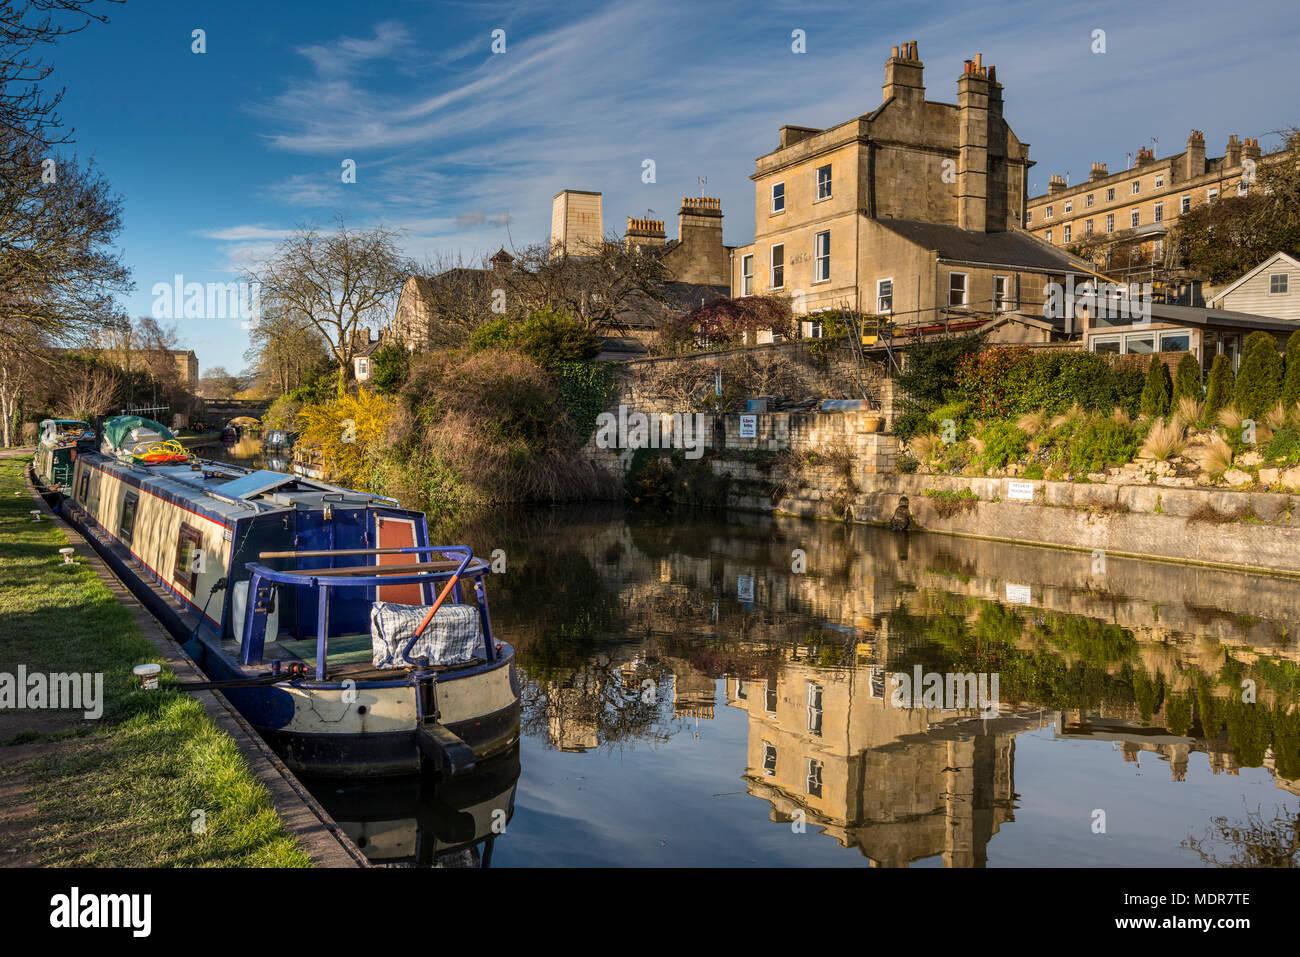 Häuser entlang Kennet und Avon Kanal in Bath, Somerset, UK. Vor 200 Jahren den Kanal eine wichtige Handelsroute zwischen Bristol und London. Stockbild